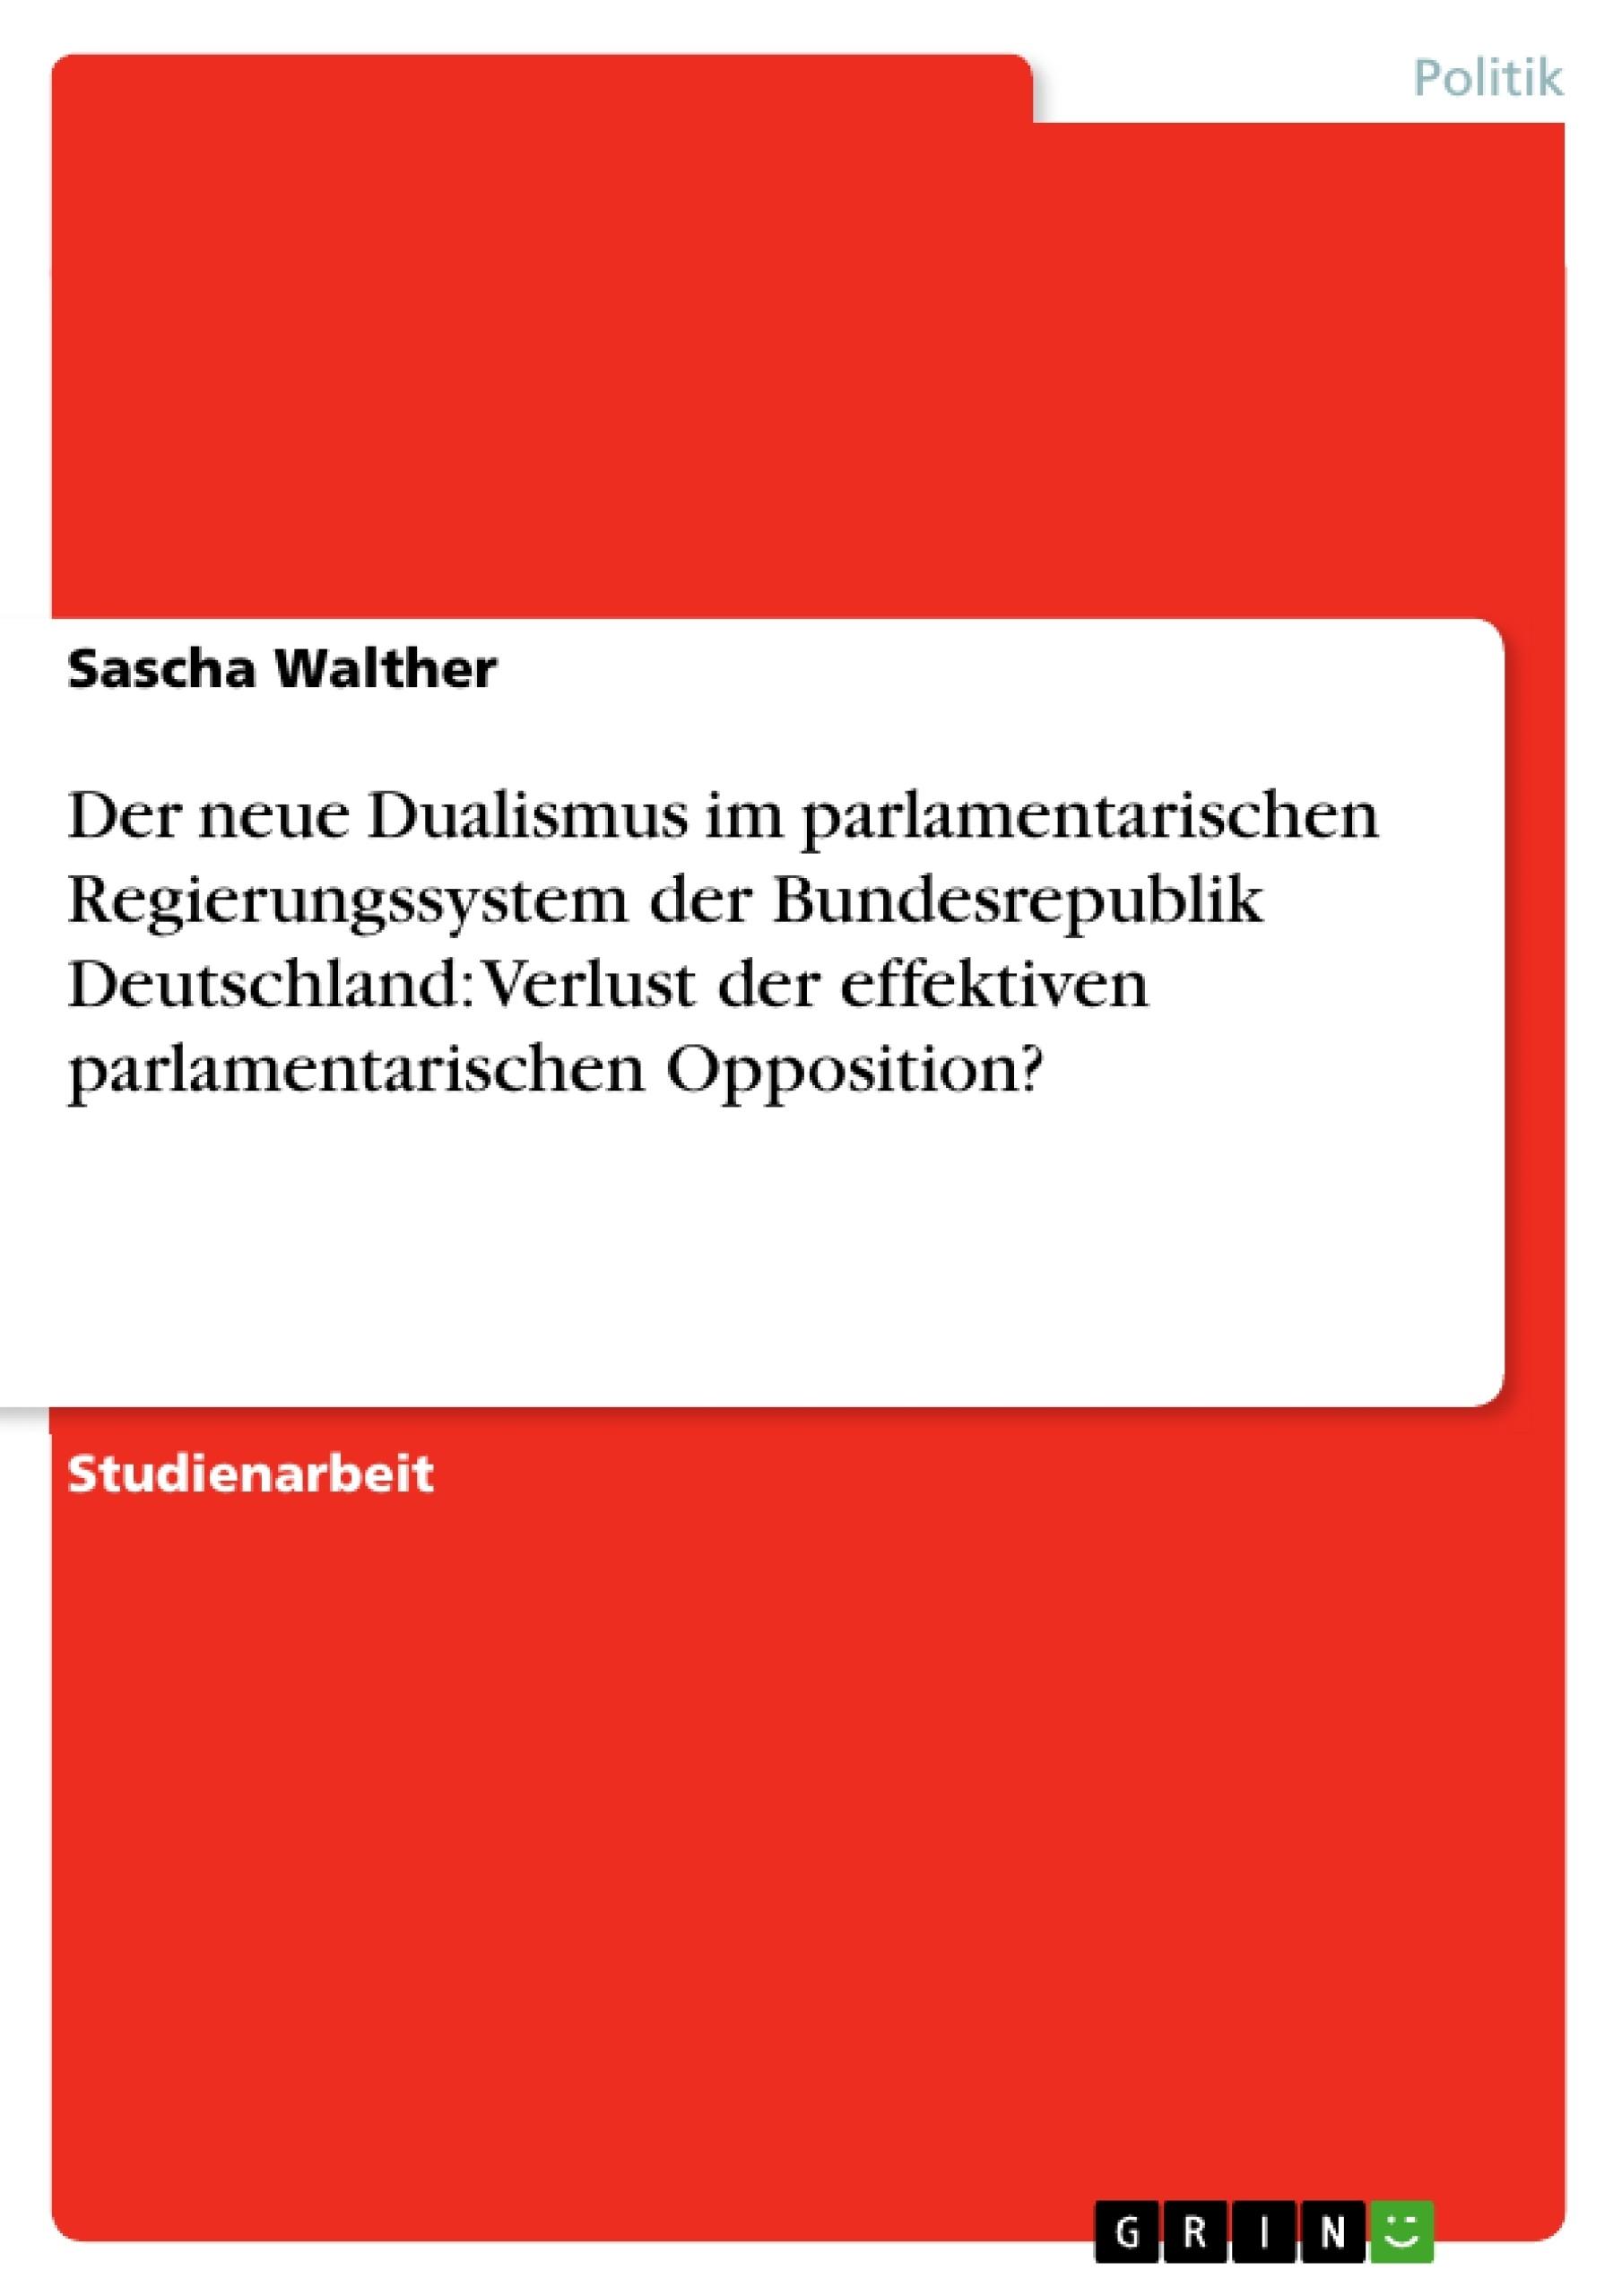 Titel: Der neue Dualismus im parlamentarischen Regierungssystem der Bundesrepublik Deutschland: Verlust der effektiven parlamentarischen Opposition?